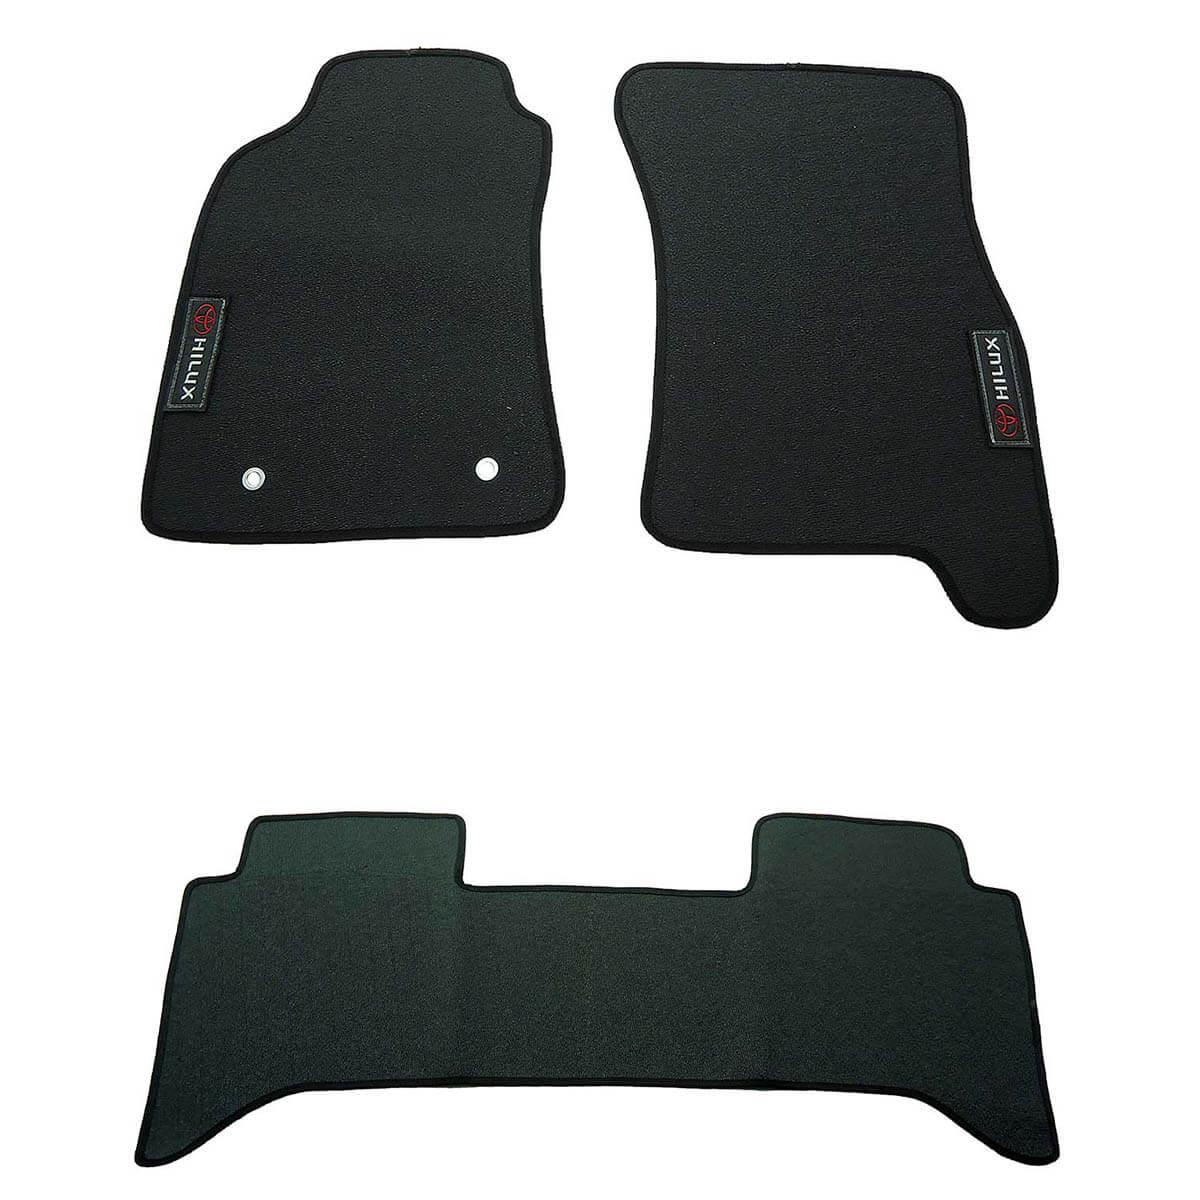 Tapete personalizado em PVC SW4 ou Hilux cabine dupla 2005 a 2015